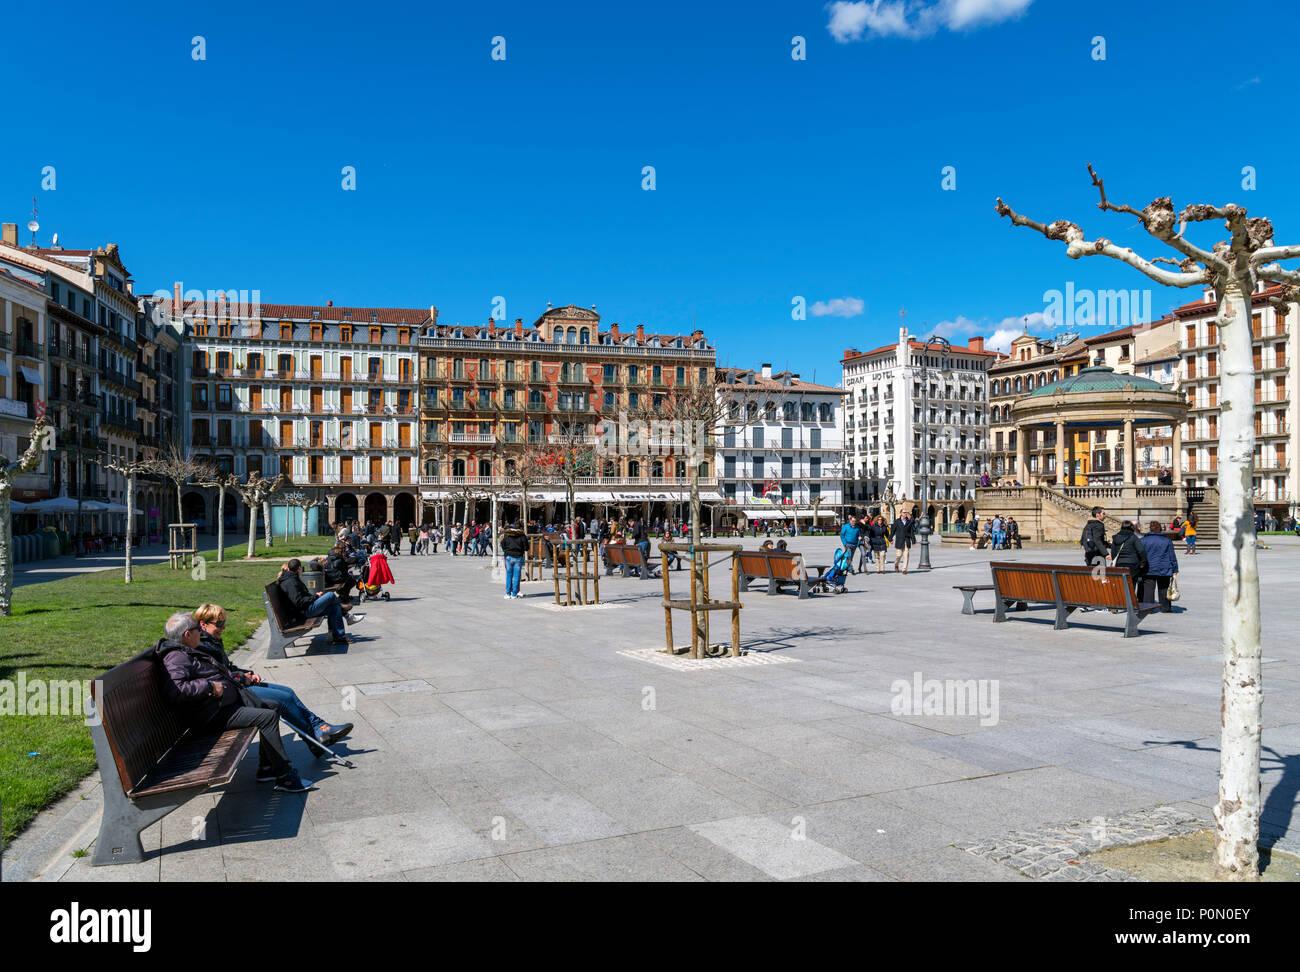 Pamplona, Spain. Plaza del Castillo in the old town (casco antiguo), Pamplona, Navarra, Spain - Stock Image